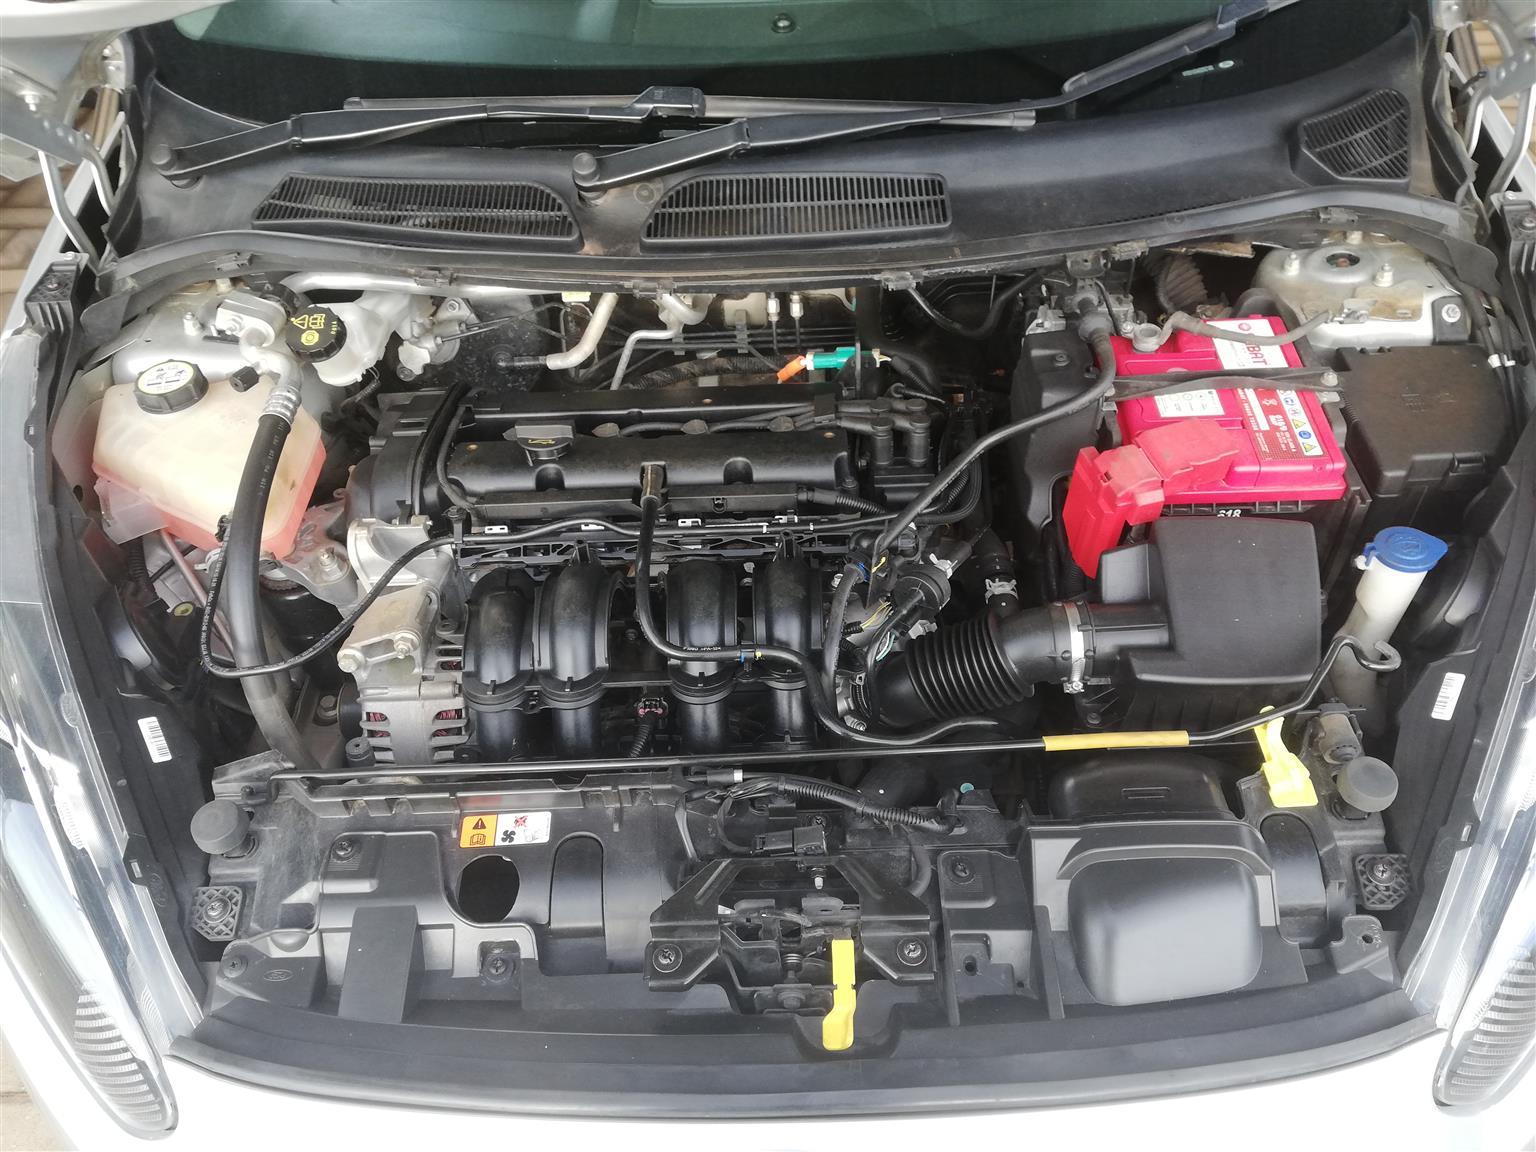 2014 Ford Fiesta 1.4 5 door Trend